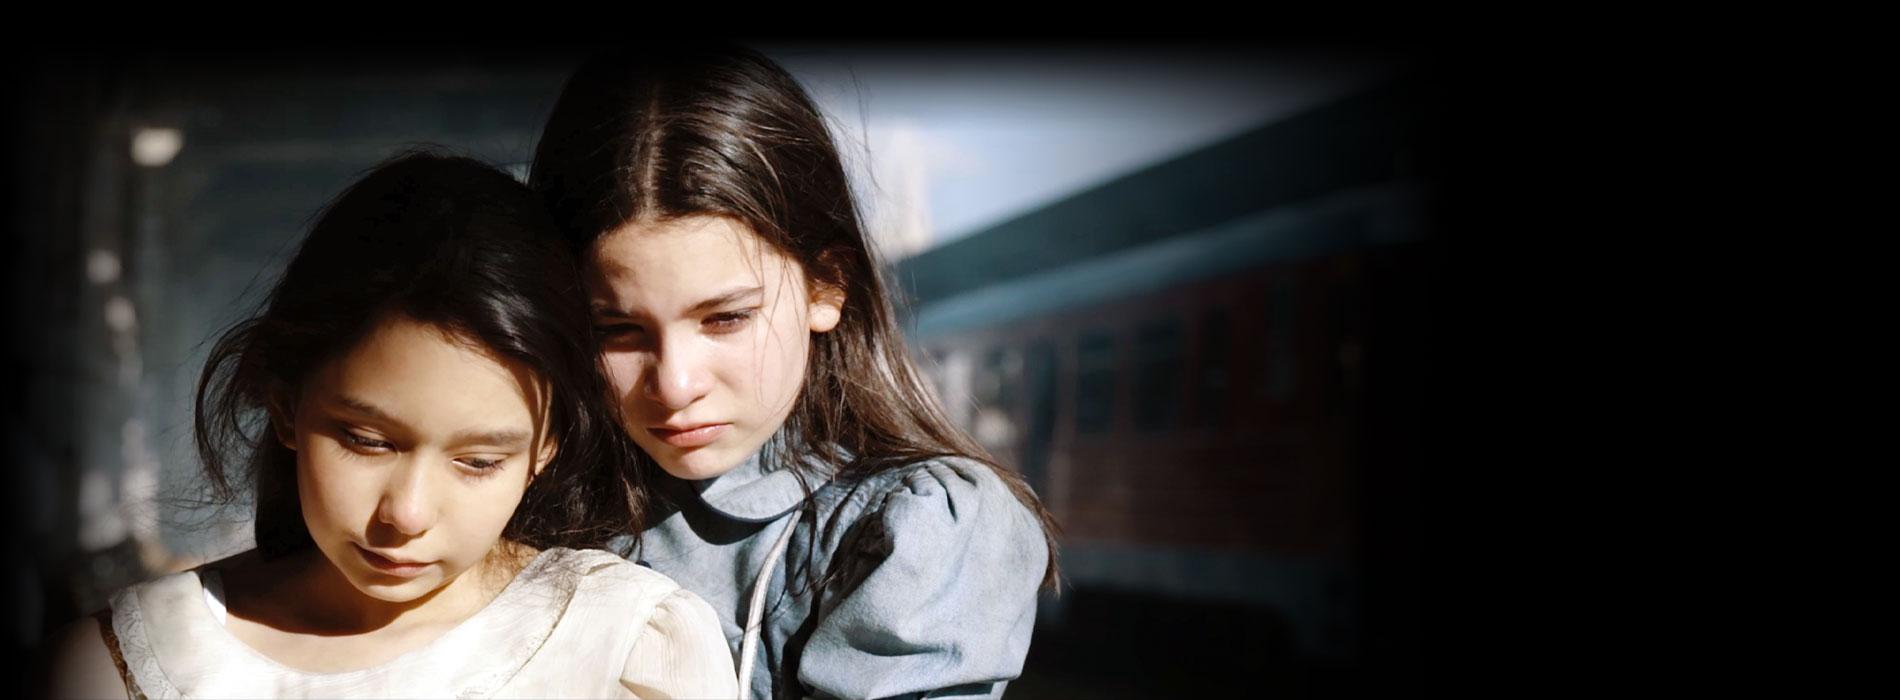 <em>Emma Reyes - La huella de la infancia</em>